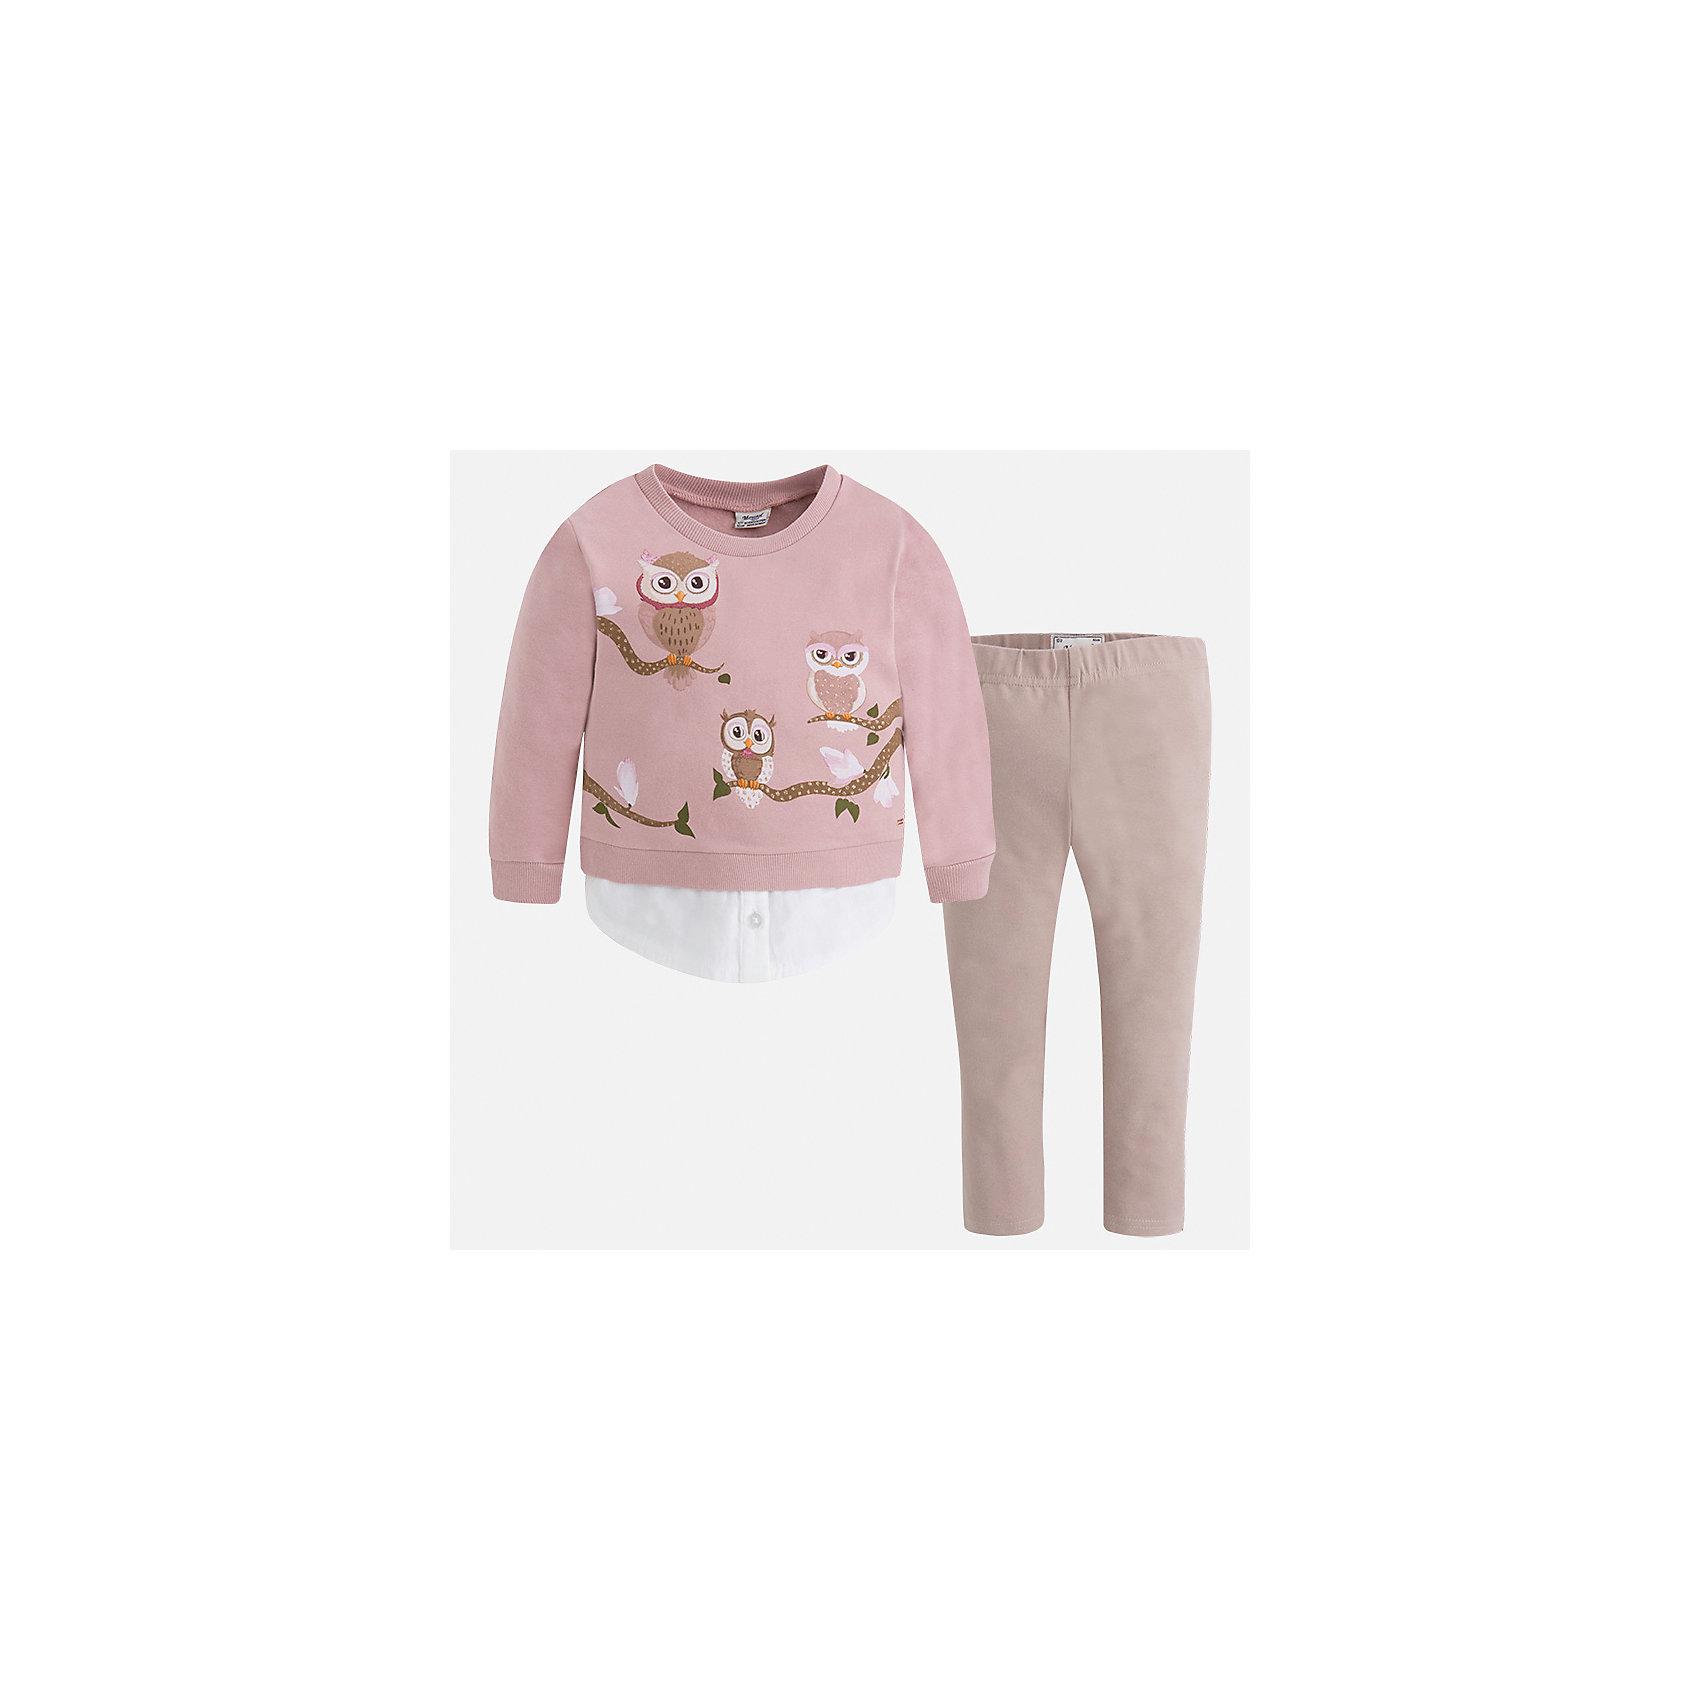 Комплект: футболка с длинным рукавом и леггинсы Mayoral для девочкиКомплекты<br>Характеристики товара:<br><br>• цвет: коричневый<br>• комплектация: блузка и леггинсы<br>• состав ткани леггинсов: 95% хлопок, 5% эластан<br>• состав ткани блузки: 95% хлопок, 5% эластан<br>• длинные рукава<br>• пояс: резинка<br>• сезон: круглый год<br>• страна бренда: Испания<br>• страна изготовитель: Индия<br><br>Коричневый детский комплект от известного испанского бренда Mayoral состоит из модной блузки с принтом и однотонных эластичных леггинсов. Такое сочетание является очень актуальным в наступающем сезоне.<br><br>Детская одежда от испанской компании Mayoral отличаются оригинальным и всегда стильным дизайном. Качество продукции неизменно очень высокое.<br><br>Комплект: блузка и леггинсы для девочки Mayoral (Майорал) можно купить в нашем интернет-магазине.<br><br>Ширина мм: 123<br>Глубина мм: 10<br>Высота мм: 149<br>Вес г: 209<br>Цвет: коричневый<br>Возраст от месяцев: 96<br>Возраст до месяцев: 108<br>Пол: Женский<br>Возраст: Детский<br>Размер: 134,92,98,104,110,116,122,128<br>SKU: 6922706